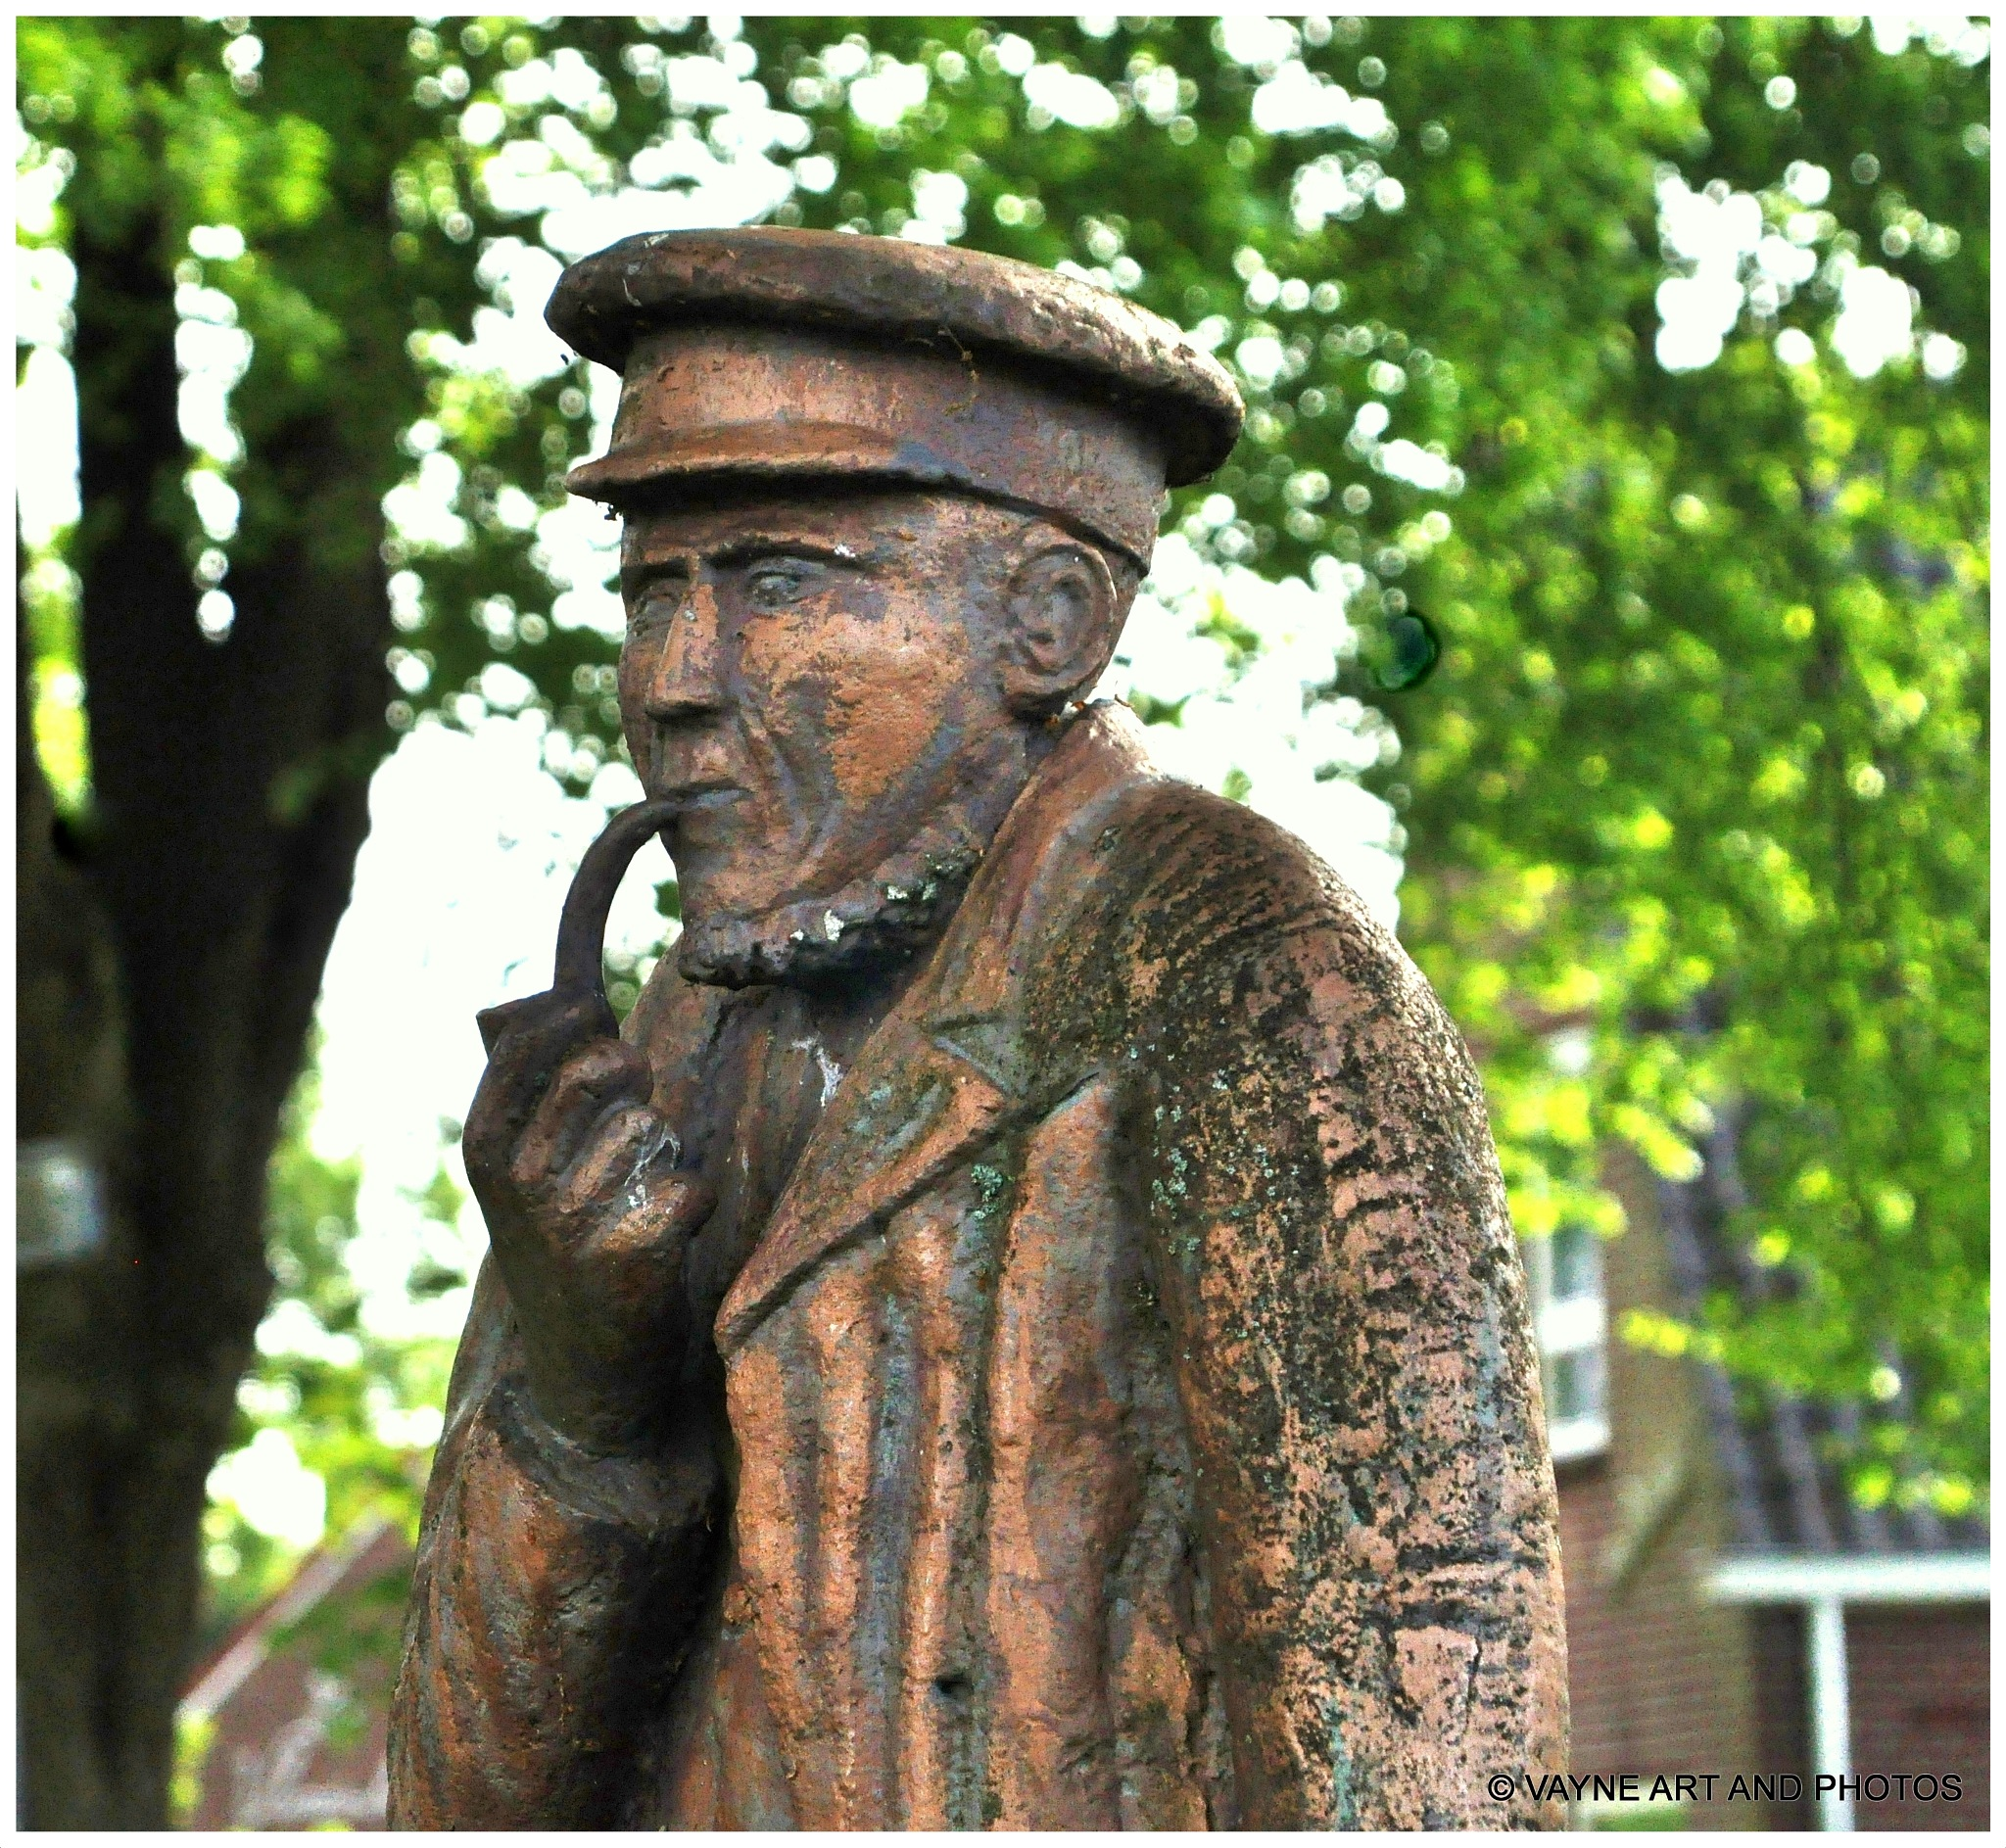 Statue by Jacob van der Veen